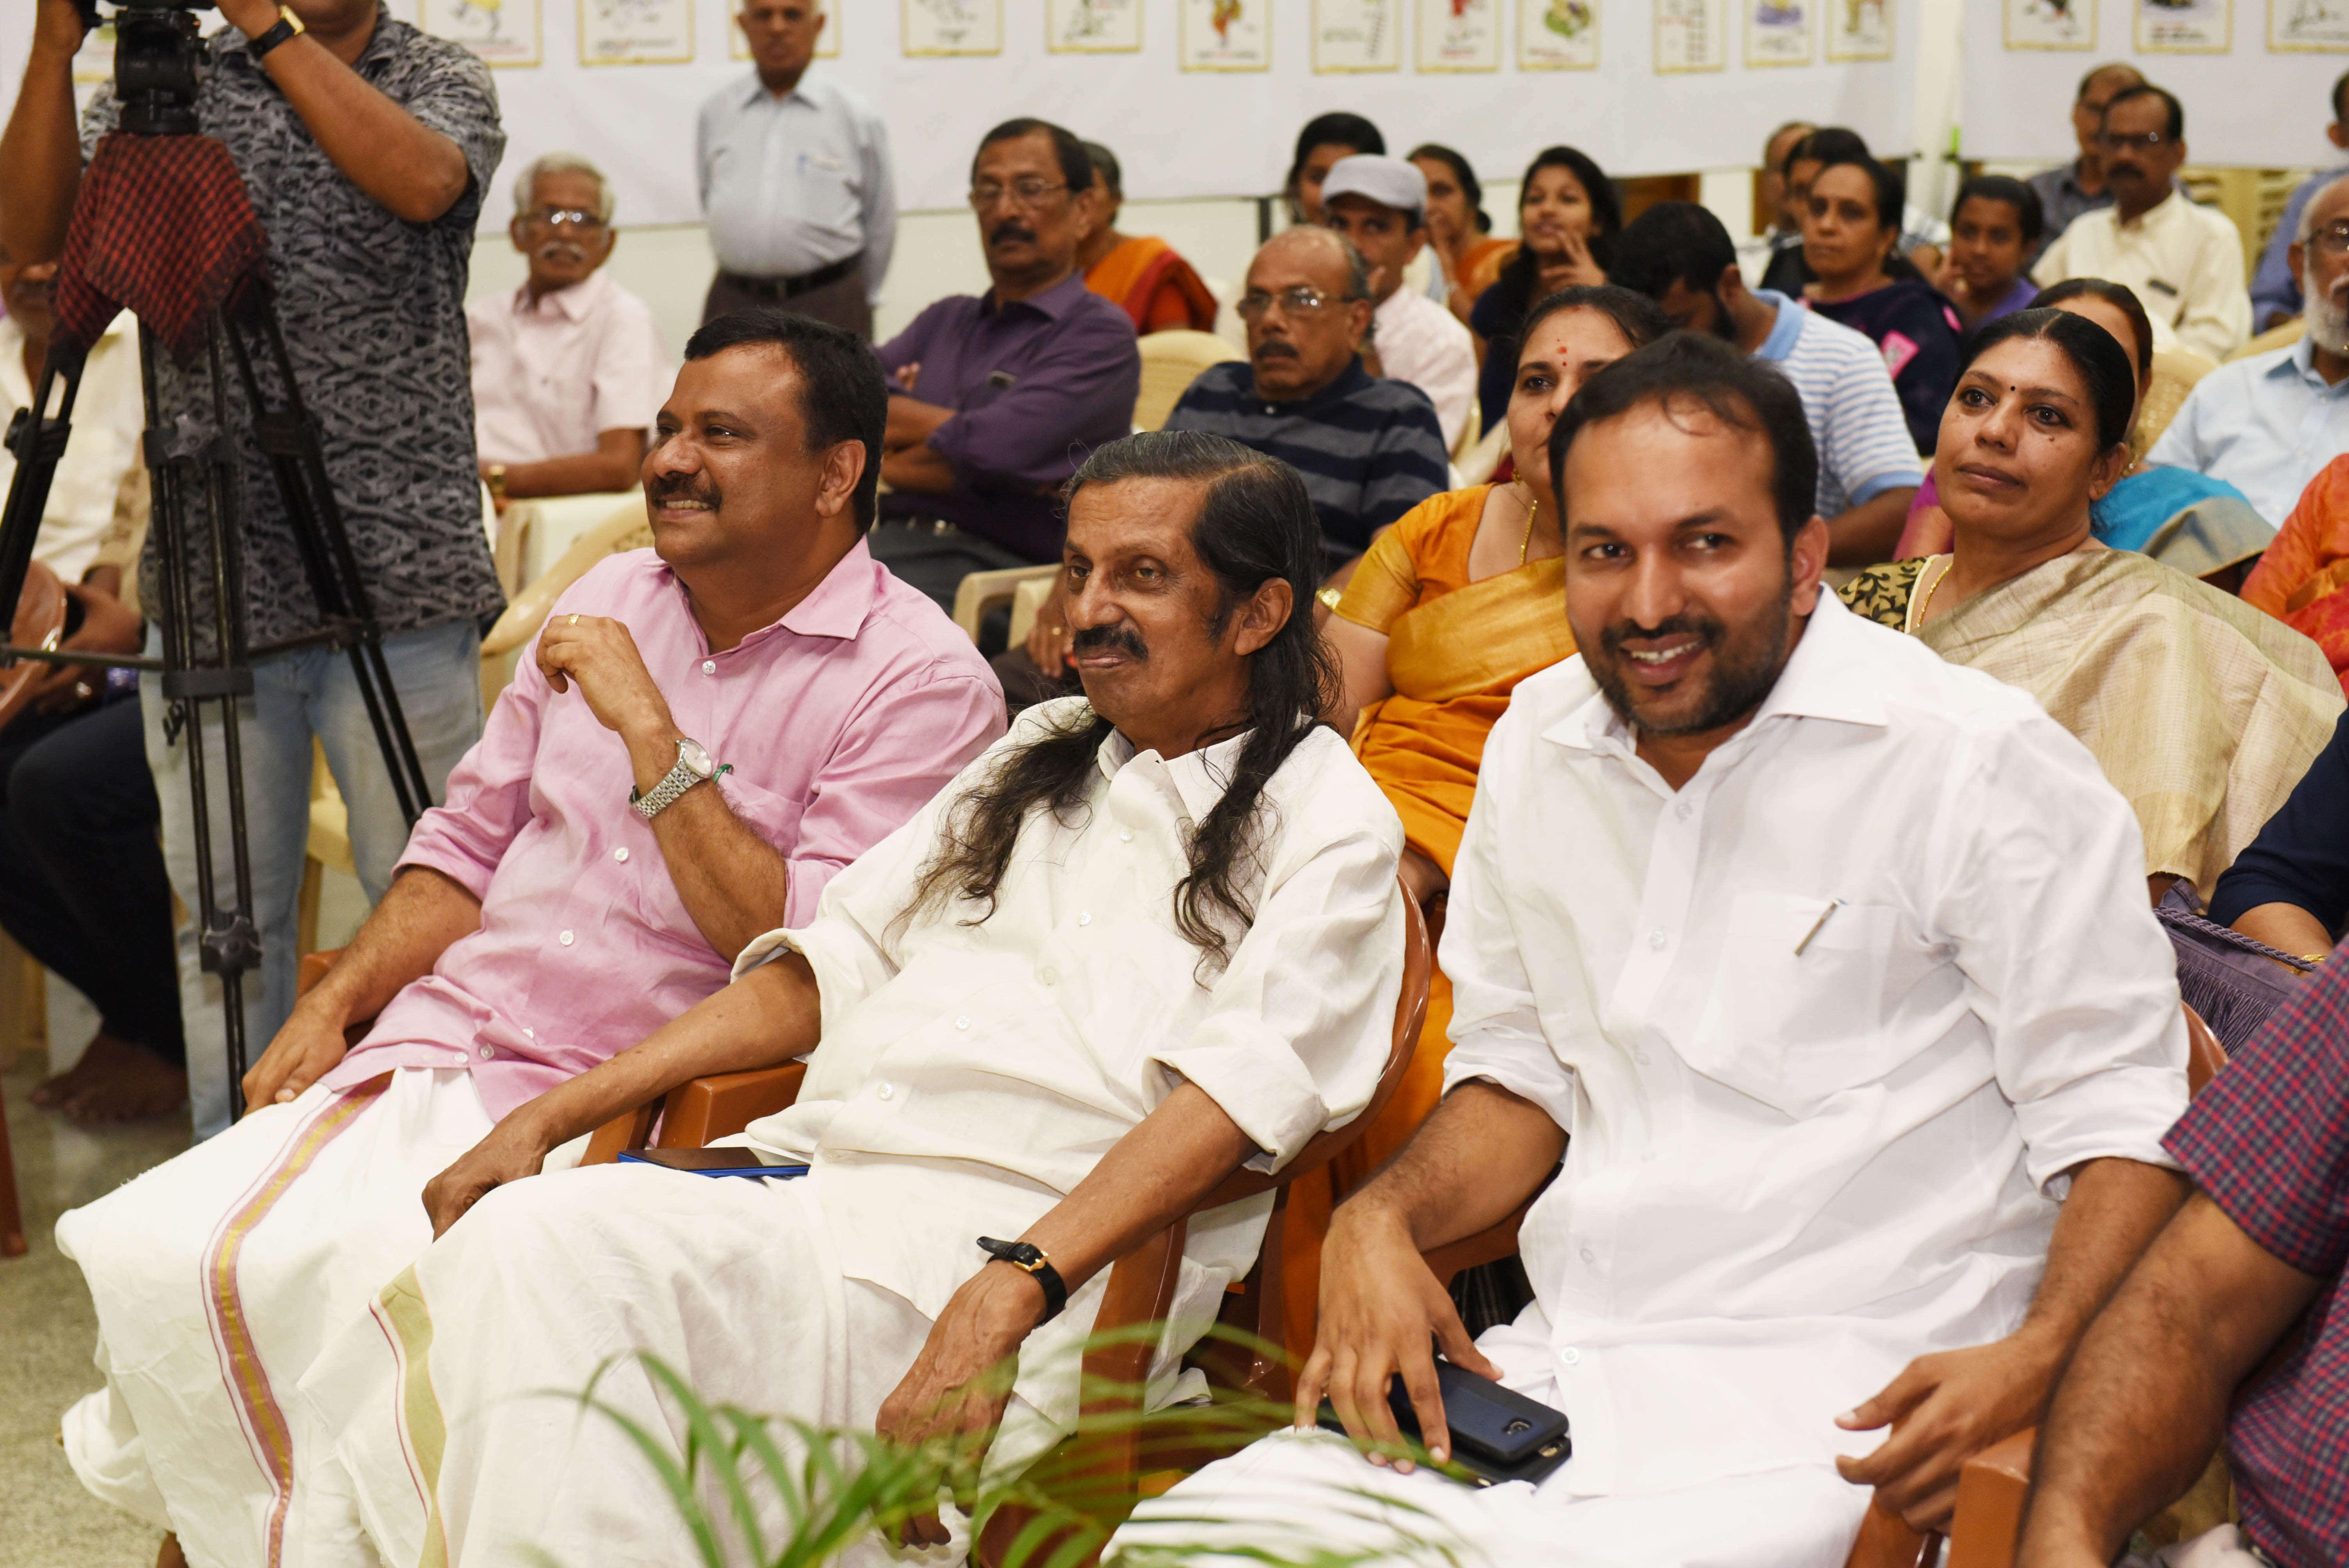 IB Sathish,Pannian Ravindran, PC Vishnunadh